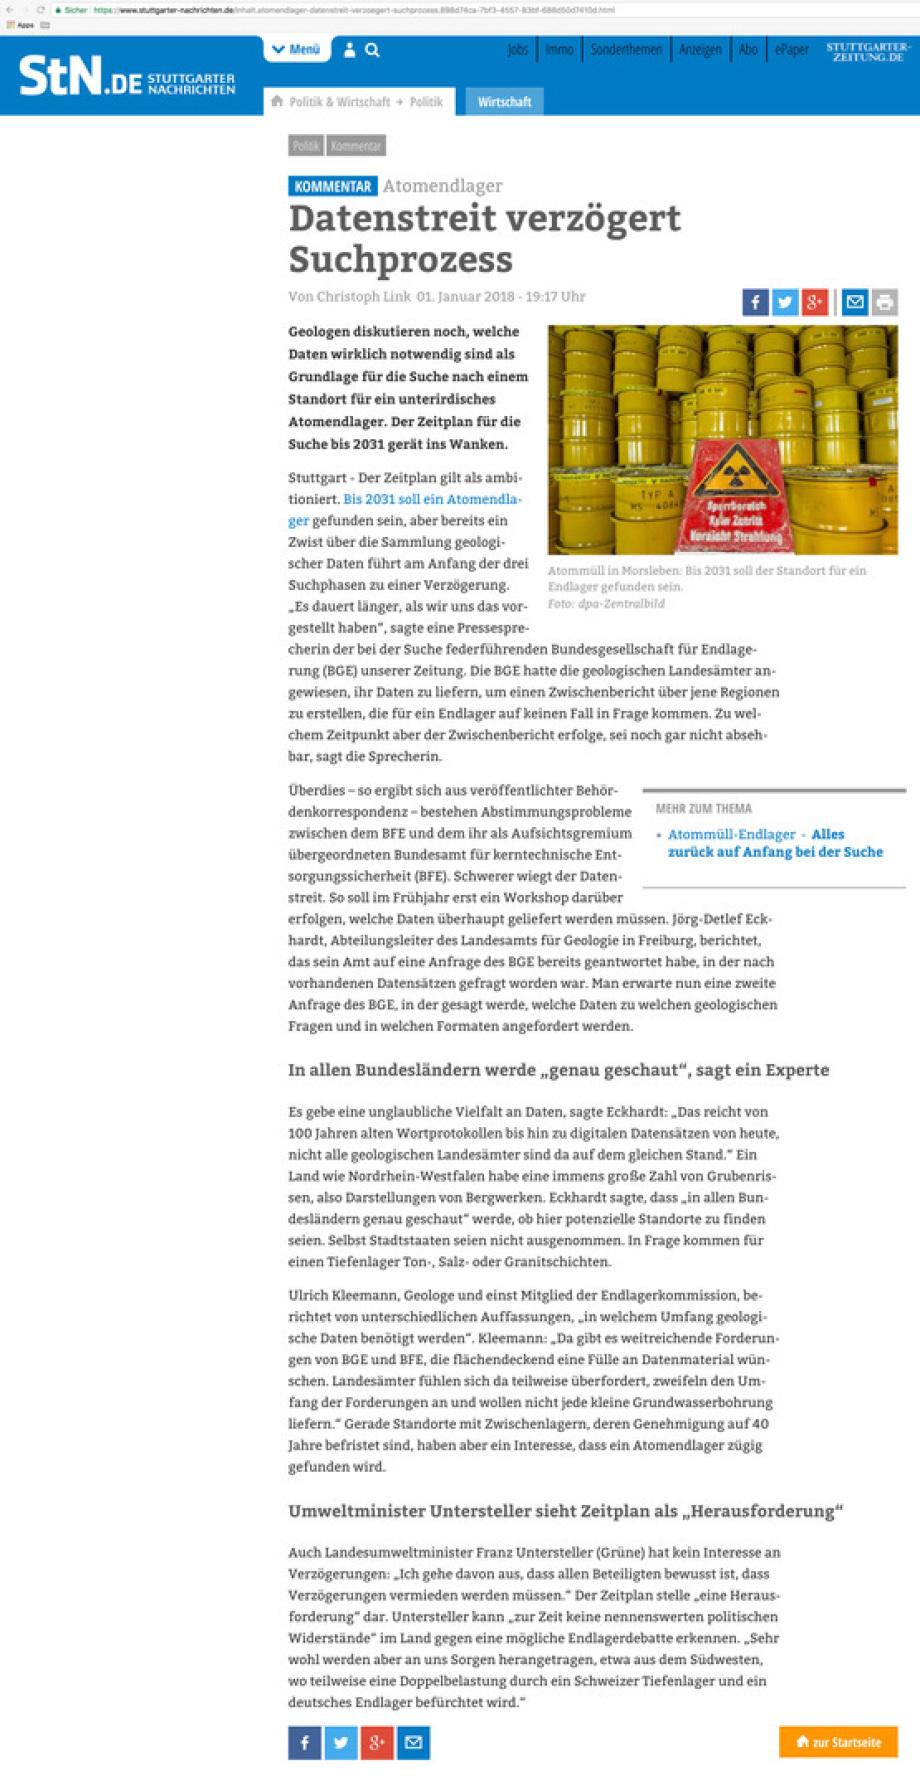 Datenstreit_Geologie_Daten_BGE_GmbH_Endlager_Stuttgarter_Nachrichten